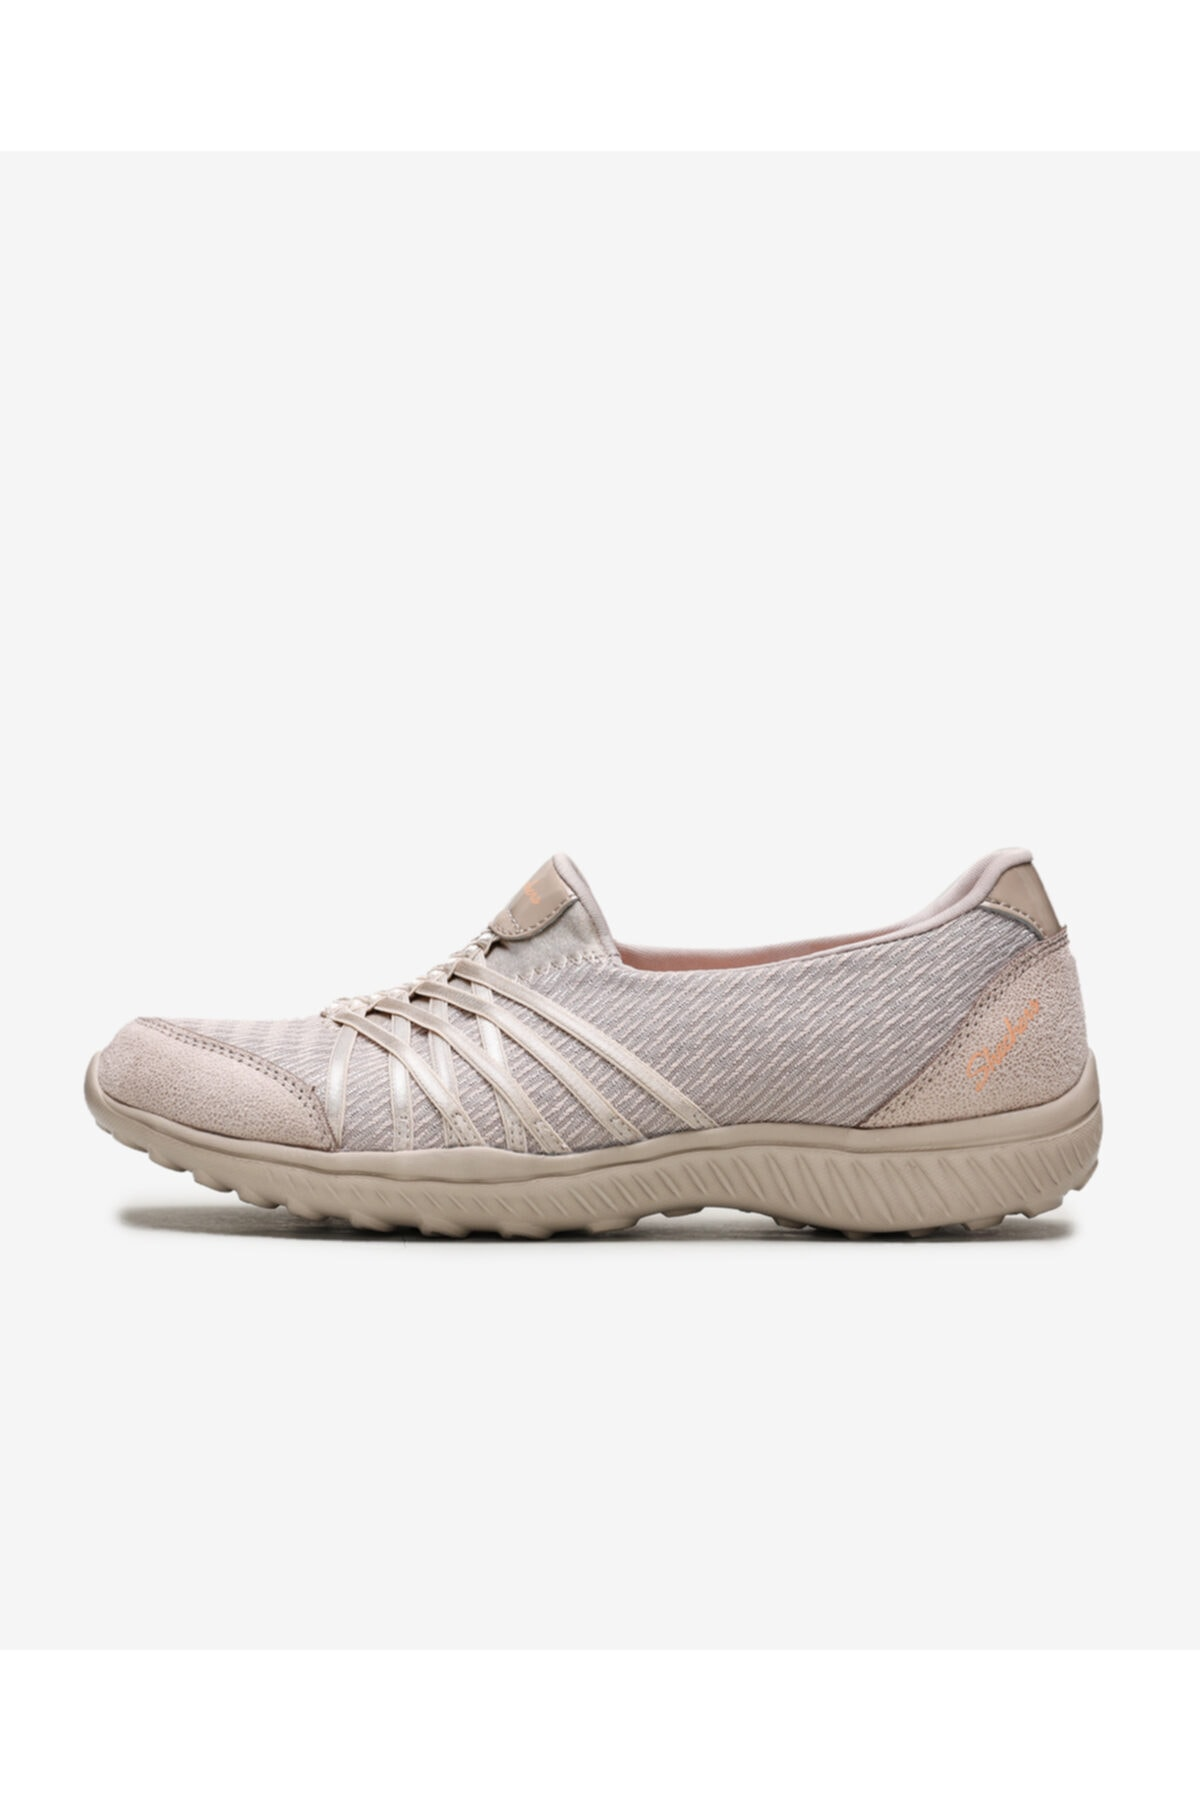 SKECHERS BE-LIGHT - GOOD STORY Kadın Bej Günlük Ayakkabı 1